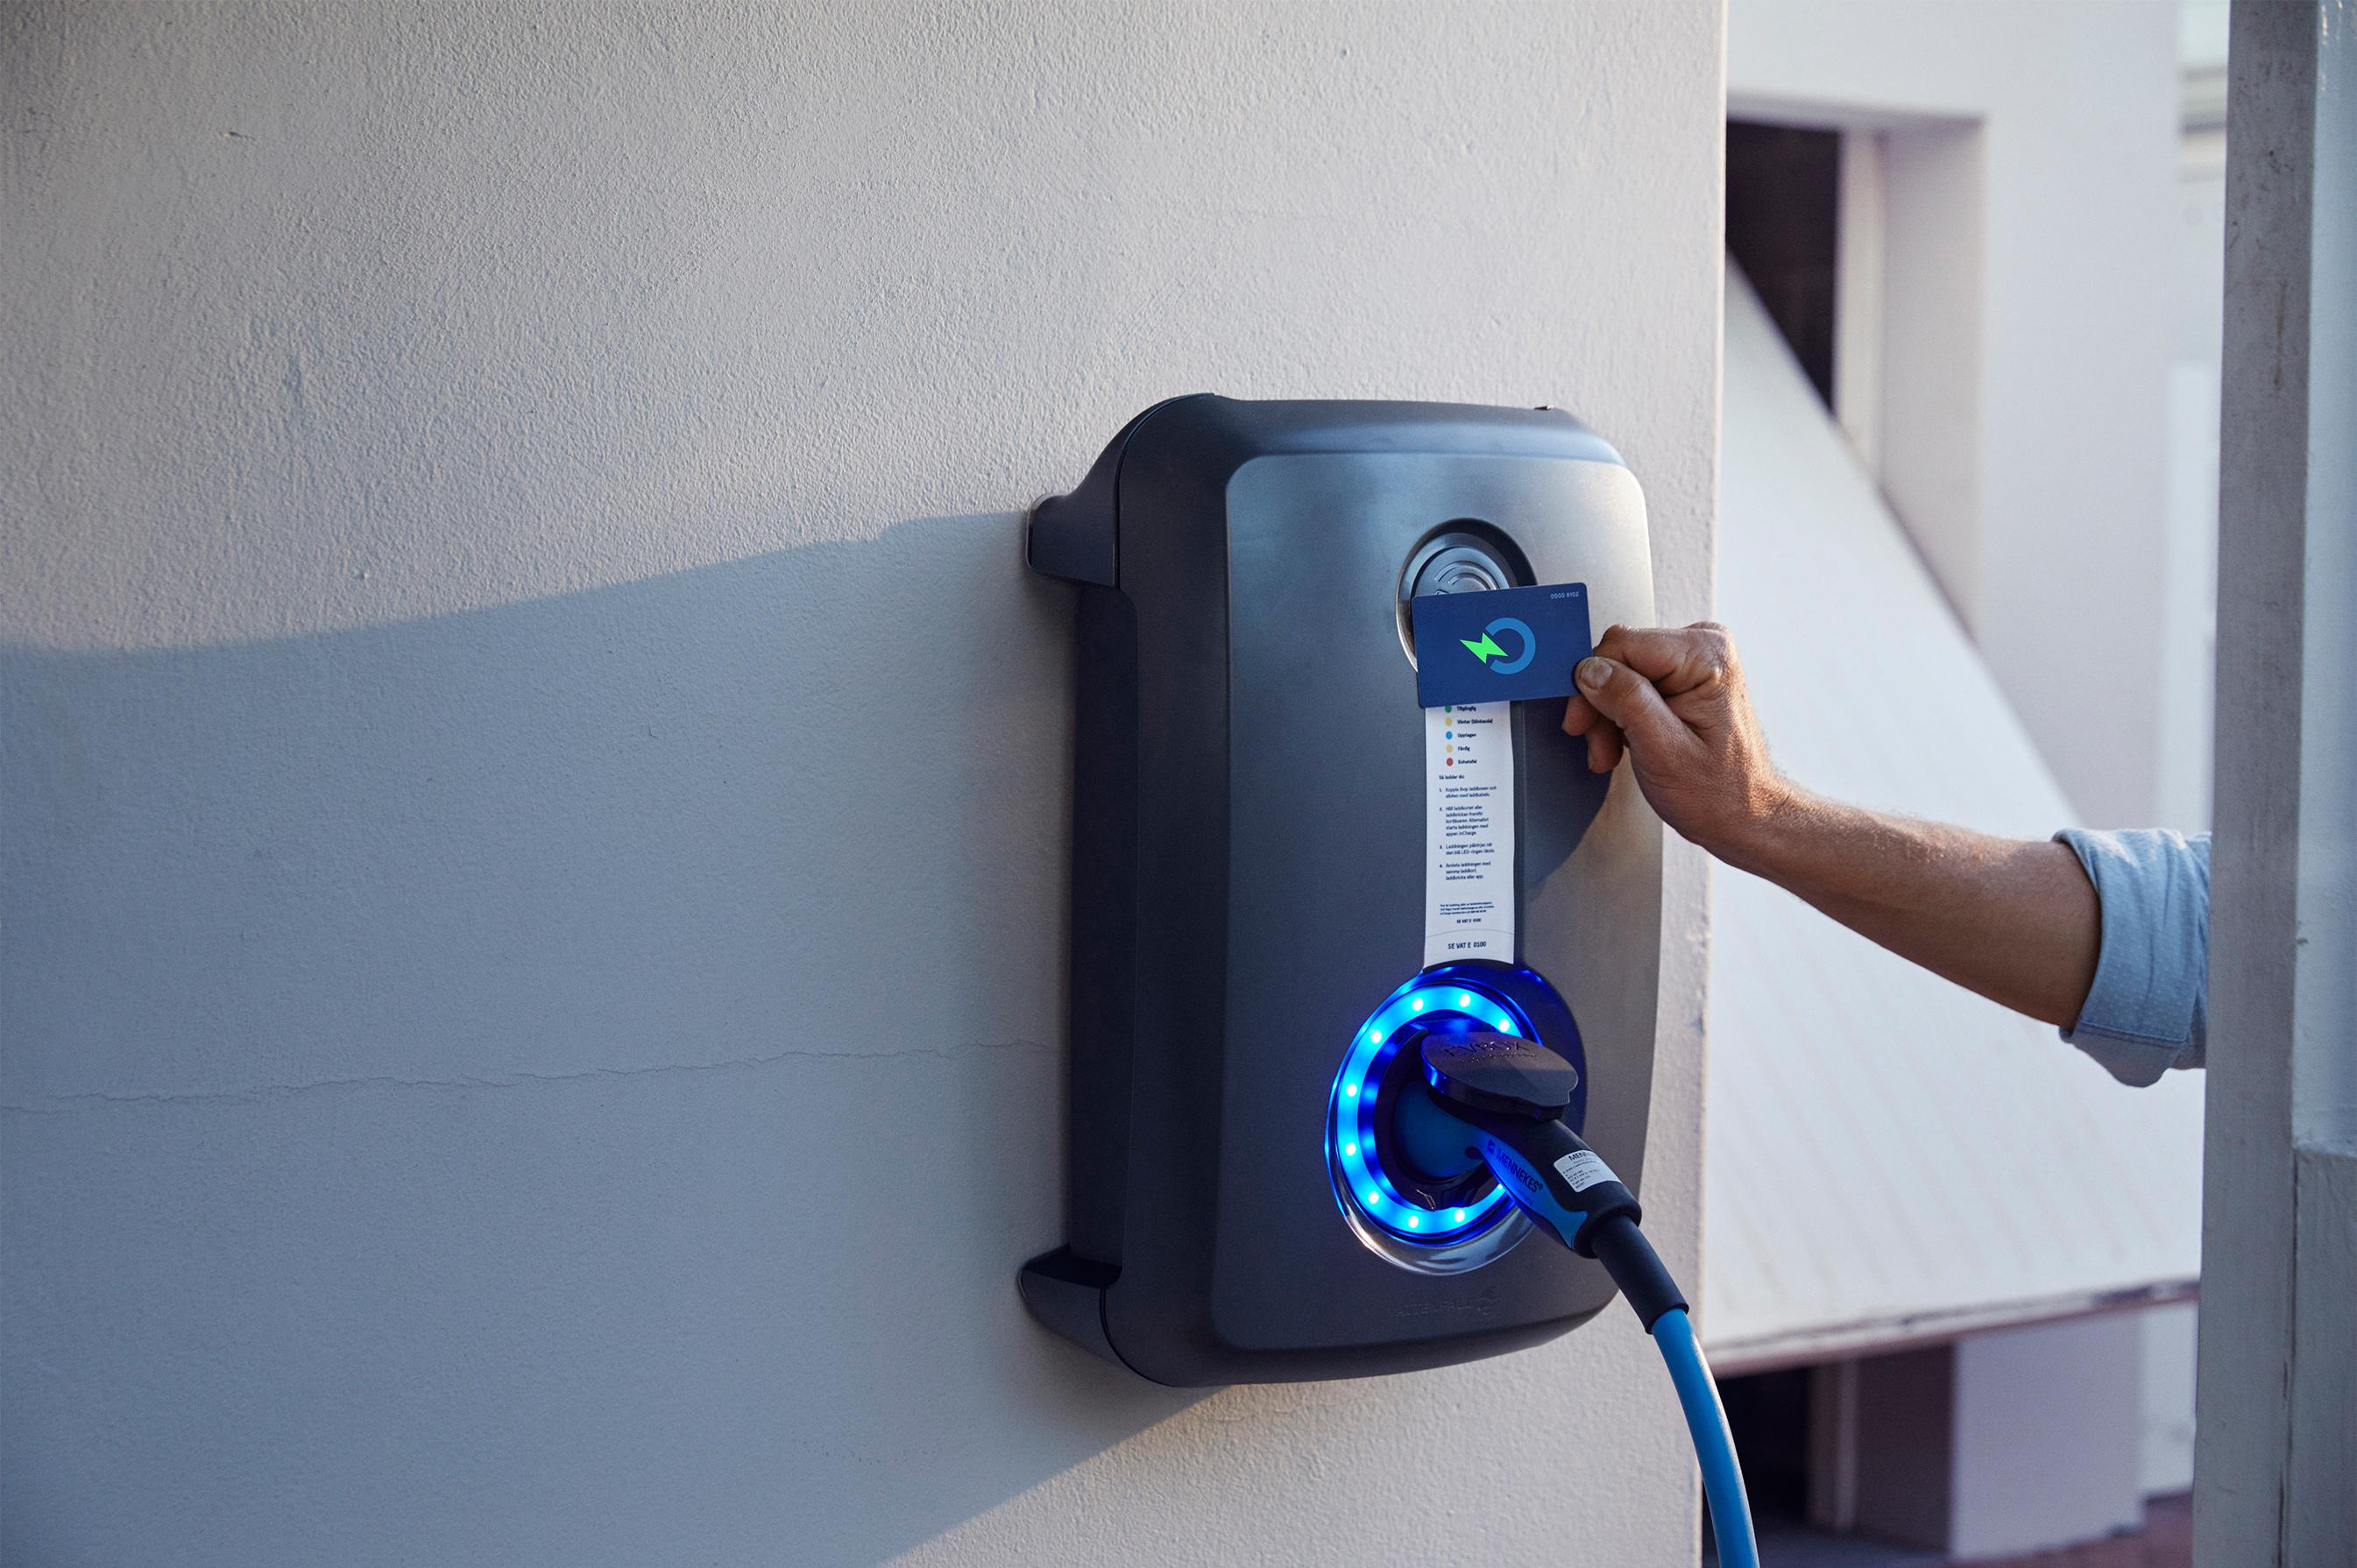 InCharge Smart home image